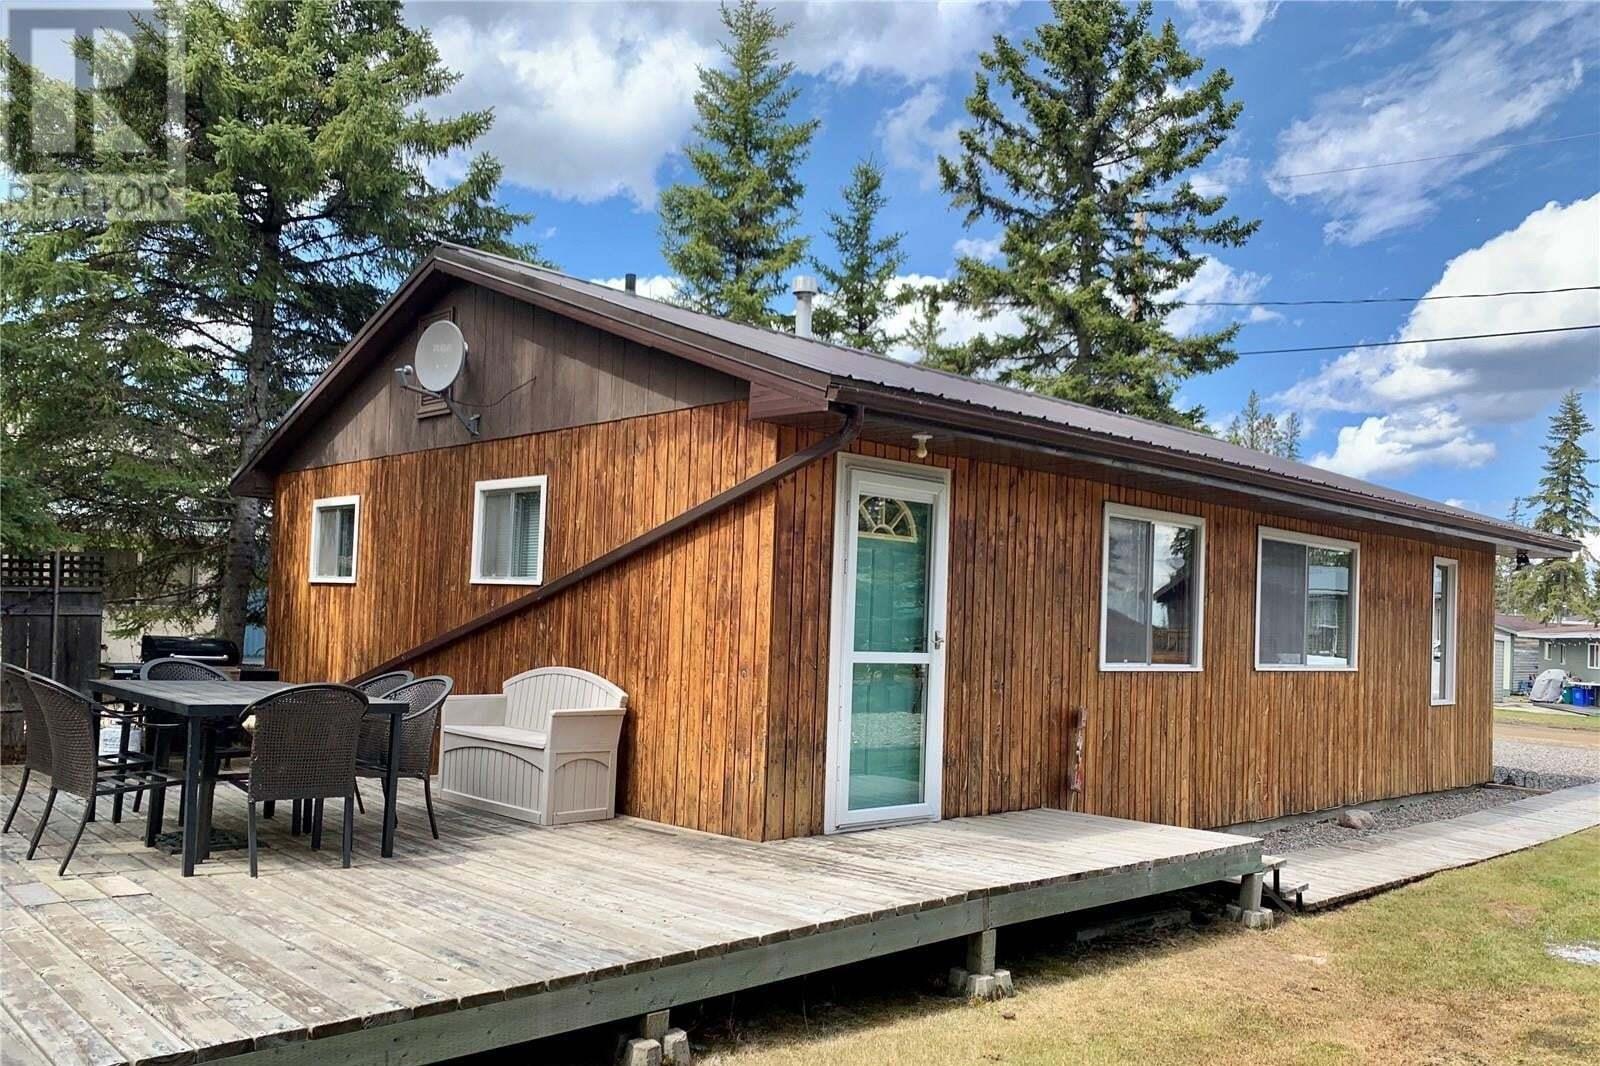 House for sale at 12 Kingsway Dr Candle Lake Saskatchewan - MLS: SK809514